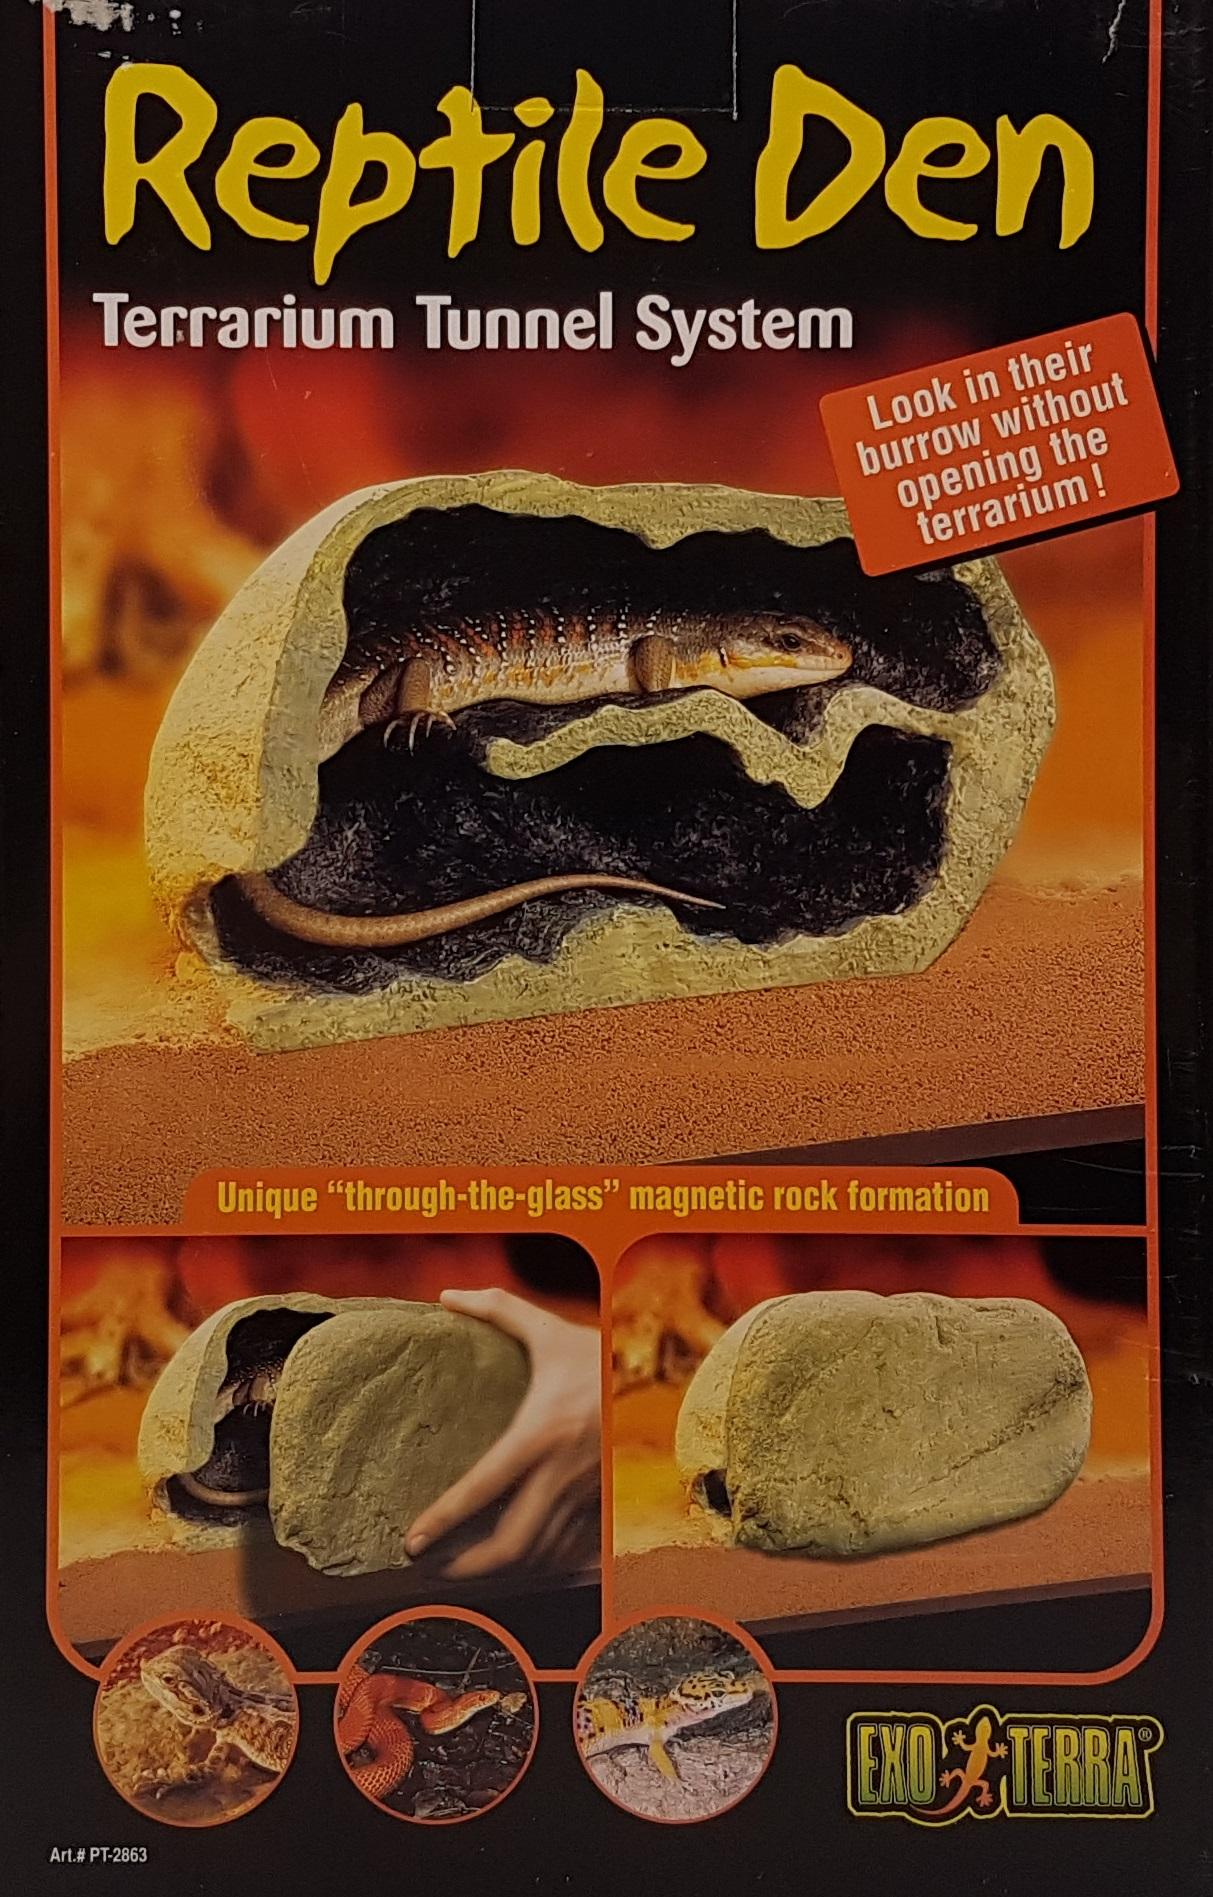 Exo Terra Reptile Den